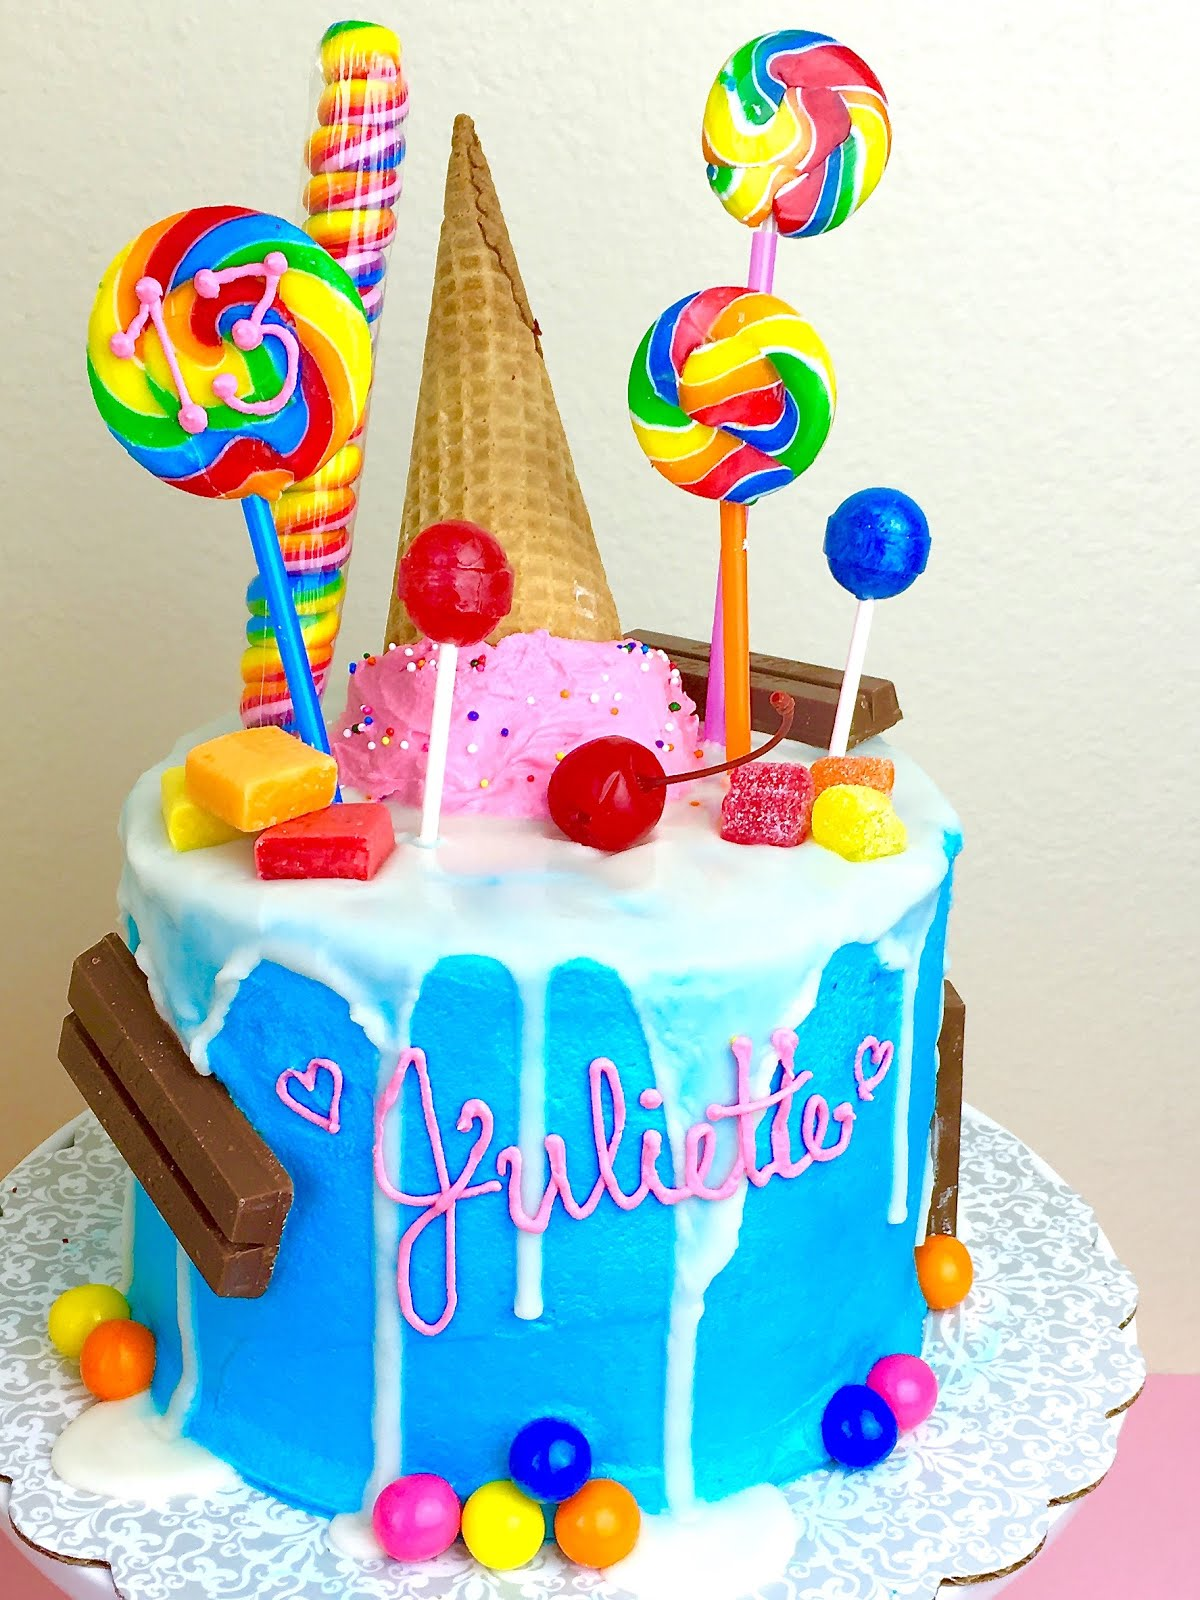 Best Ice Cream Cake In Dallas